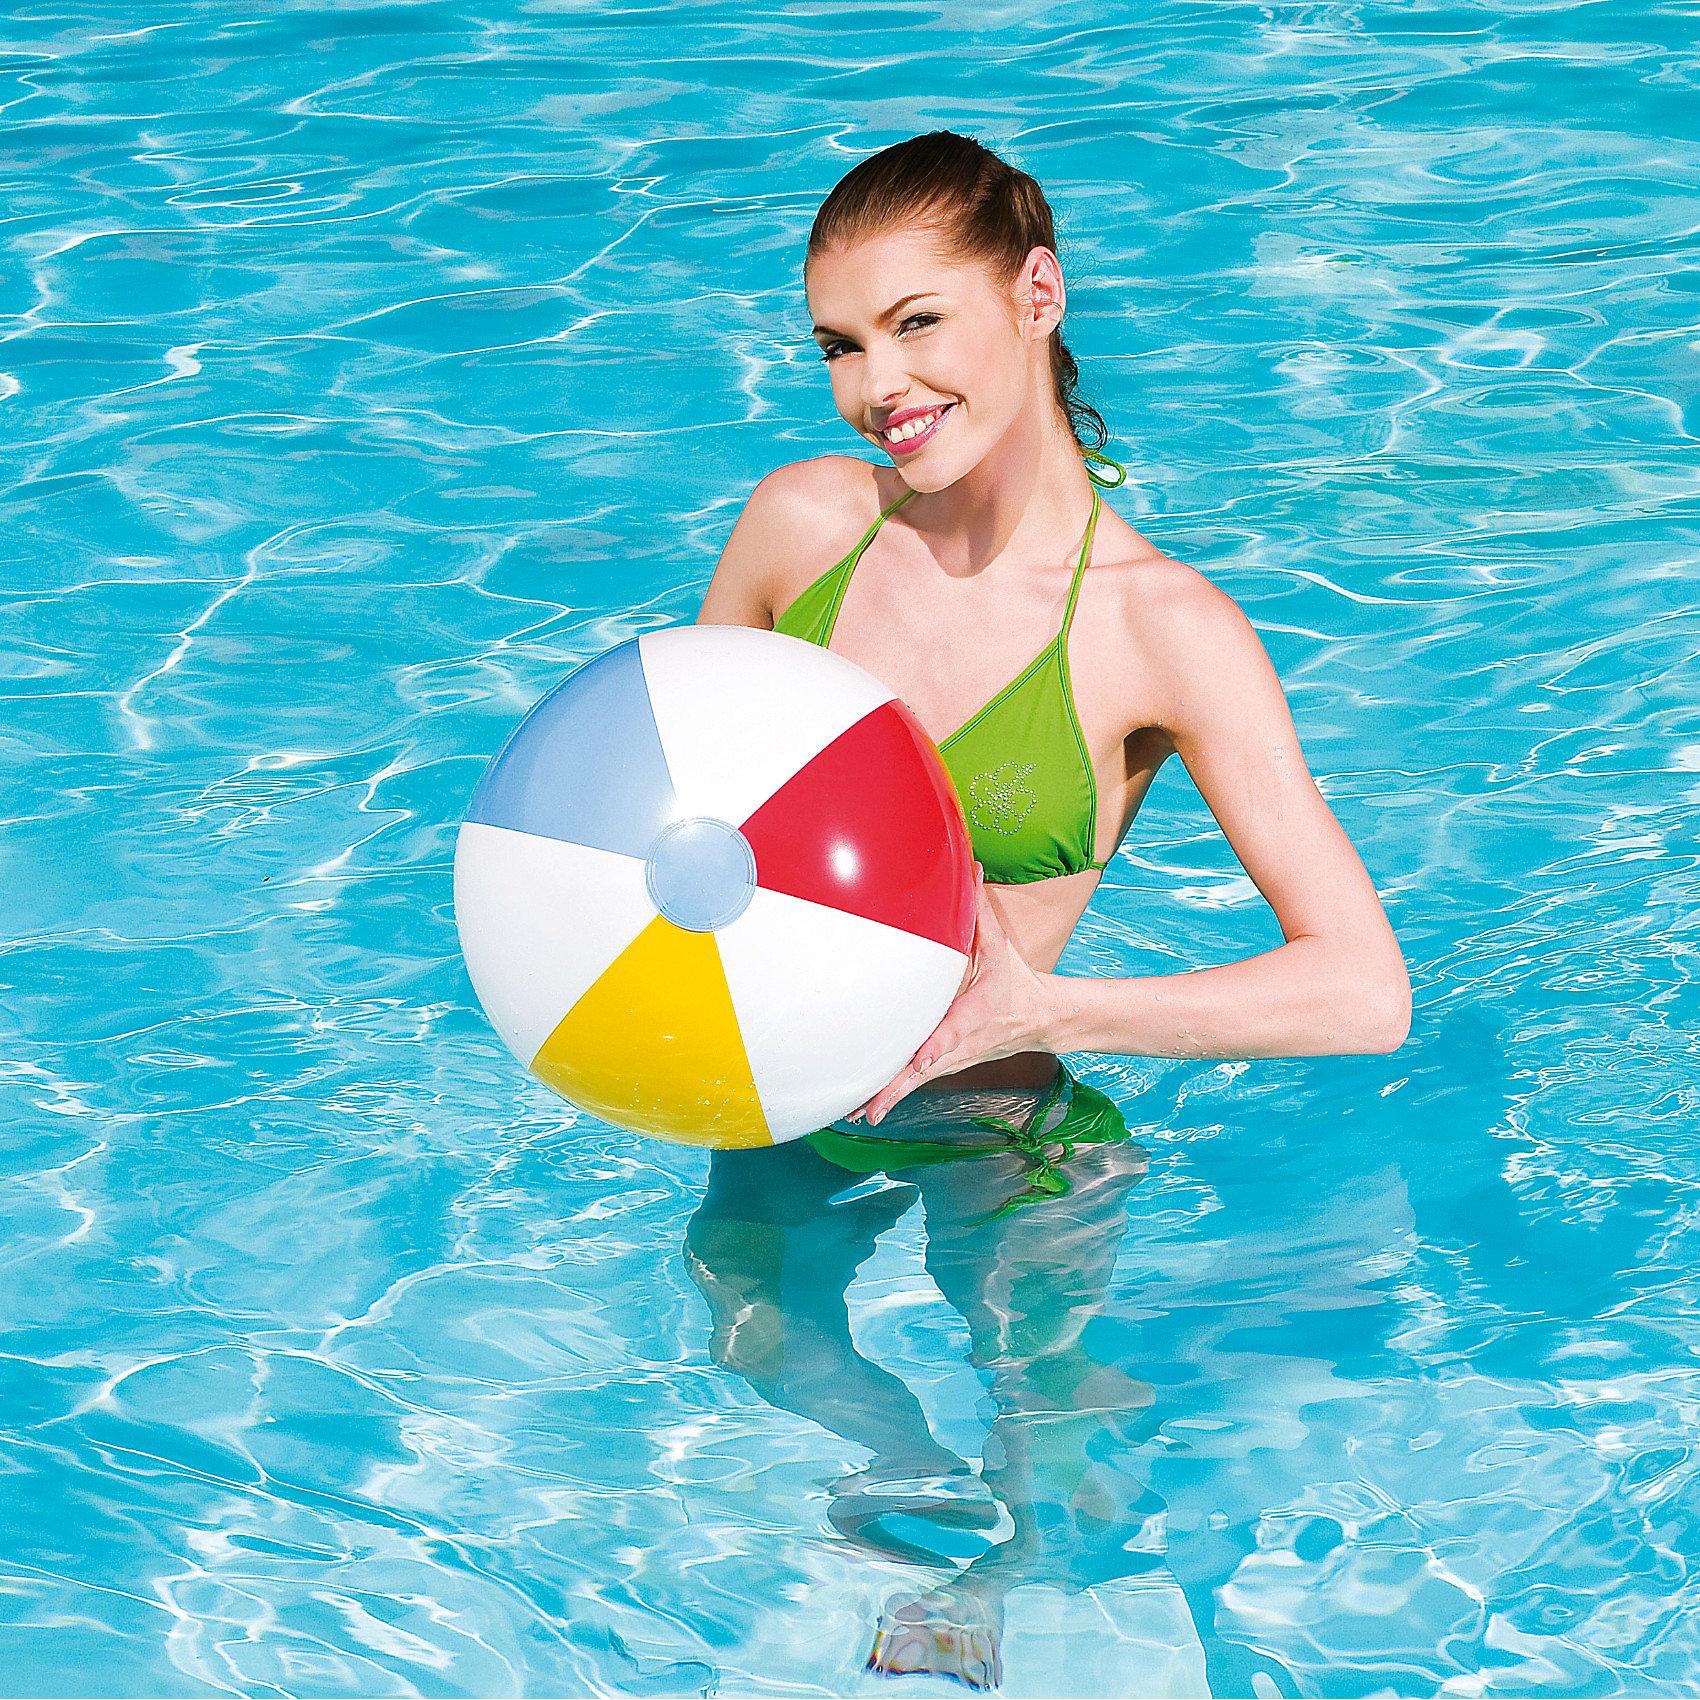 Мяч пляжный 51 см, BestwayМячи детские<br>Характеристики товара:<br><br>• материал: винил<br>• диаметр: 51 см<br>• надувной<br>• можно играть на воде и на суше<br>• прочный материал <br>• яркие цвета<br>• хорошо заметен на воде<br>• страна бренда: США, Китай<br>• страна производства: Китай<br><br>Такой мяч позволяет не только участвовать в активных играх, он поможет ребенку больше двигаться и поддерживать хорошую физическую форму.<br><br>Предмет сделаны из прочного материала, он легко надувается. Мяч легкий, его удобно брать с собой. Изделия произведены из качественных и безопасных для детей материалов.<br><br>Надувной пляжный мяч 51 см, от бренда Bestway (Бествей) можно купить в нашем интернет-магазине.<br><br>Ширина мм: 20<br>Глубина мм: 267<br>Высота мм: 146<br>Вес г: 200<br>Возраст от месяцев: 24<br>Возраст до месяцев: 1188<br>Пол: Унисекс<br>Возраст: Детский<br>SKU: 2430564